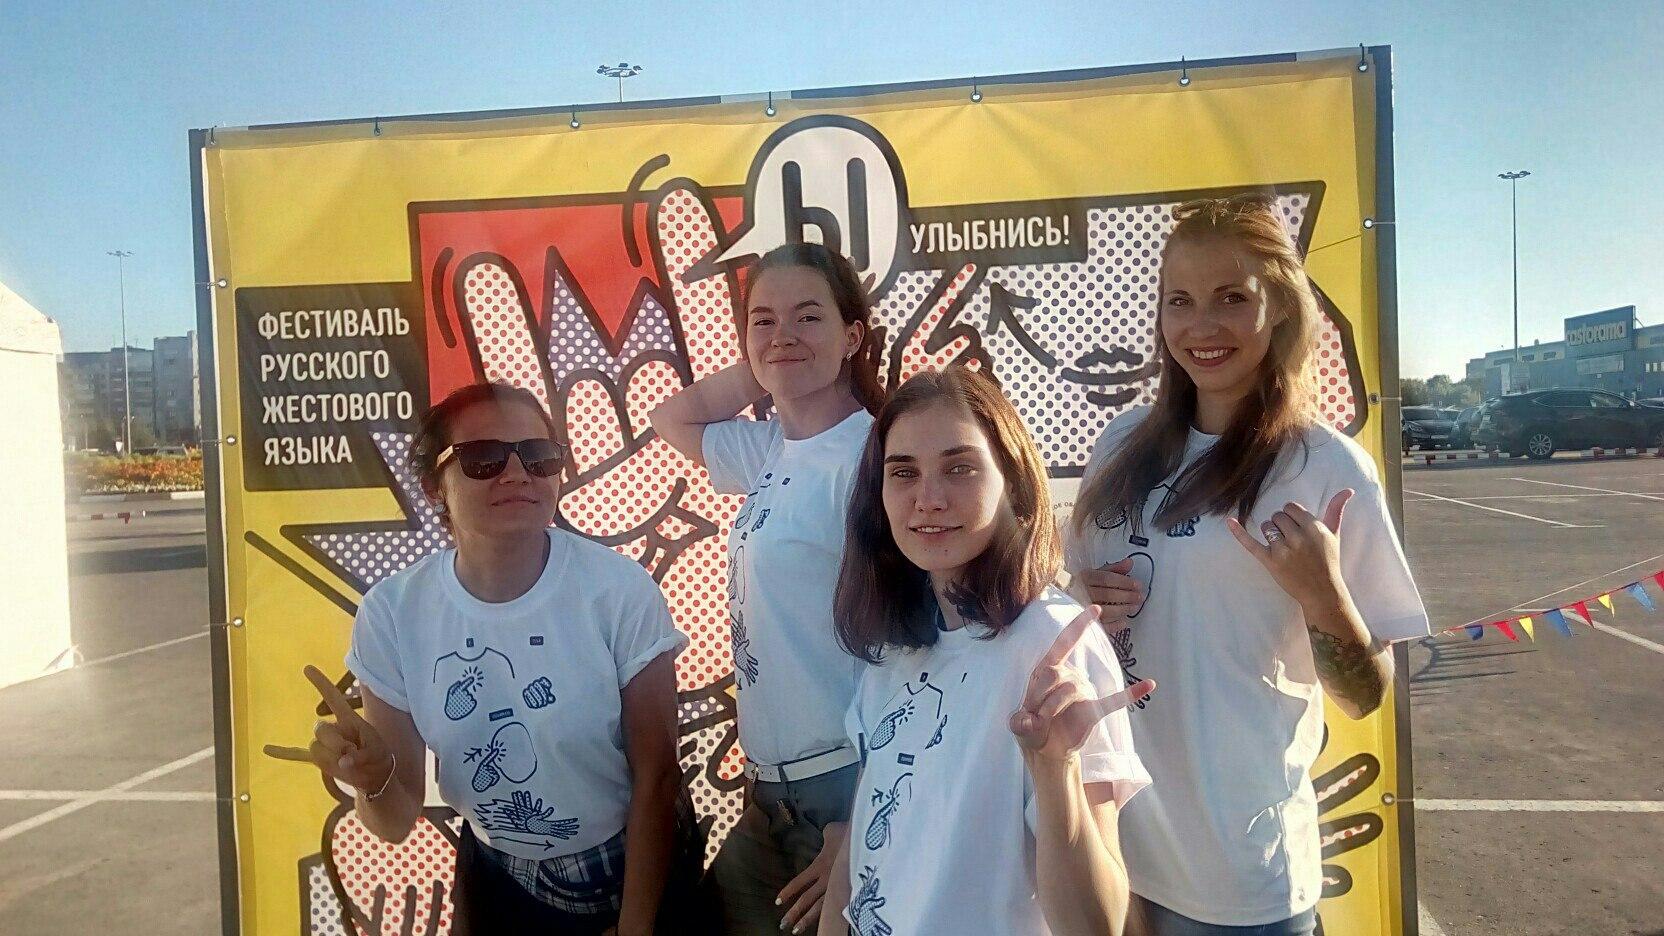 в районе ТЦ «Седьмое небо» проходил фестиваль русского жестового языка «Ы»